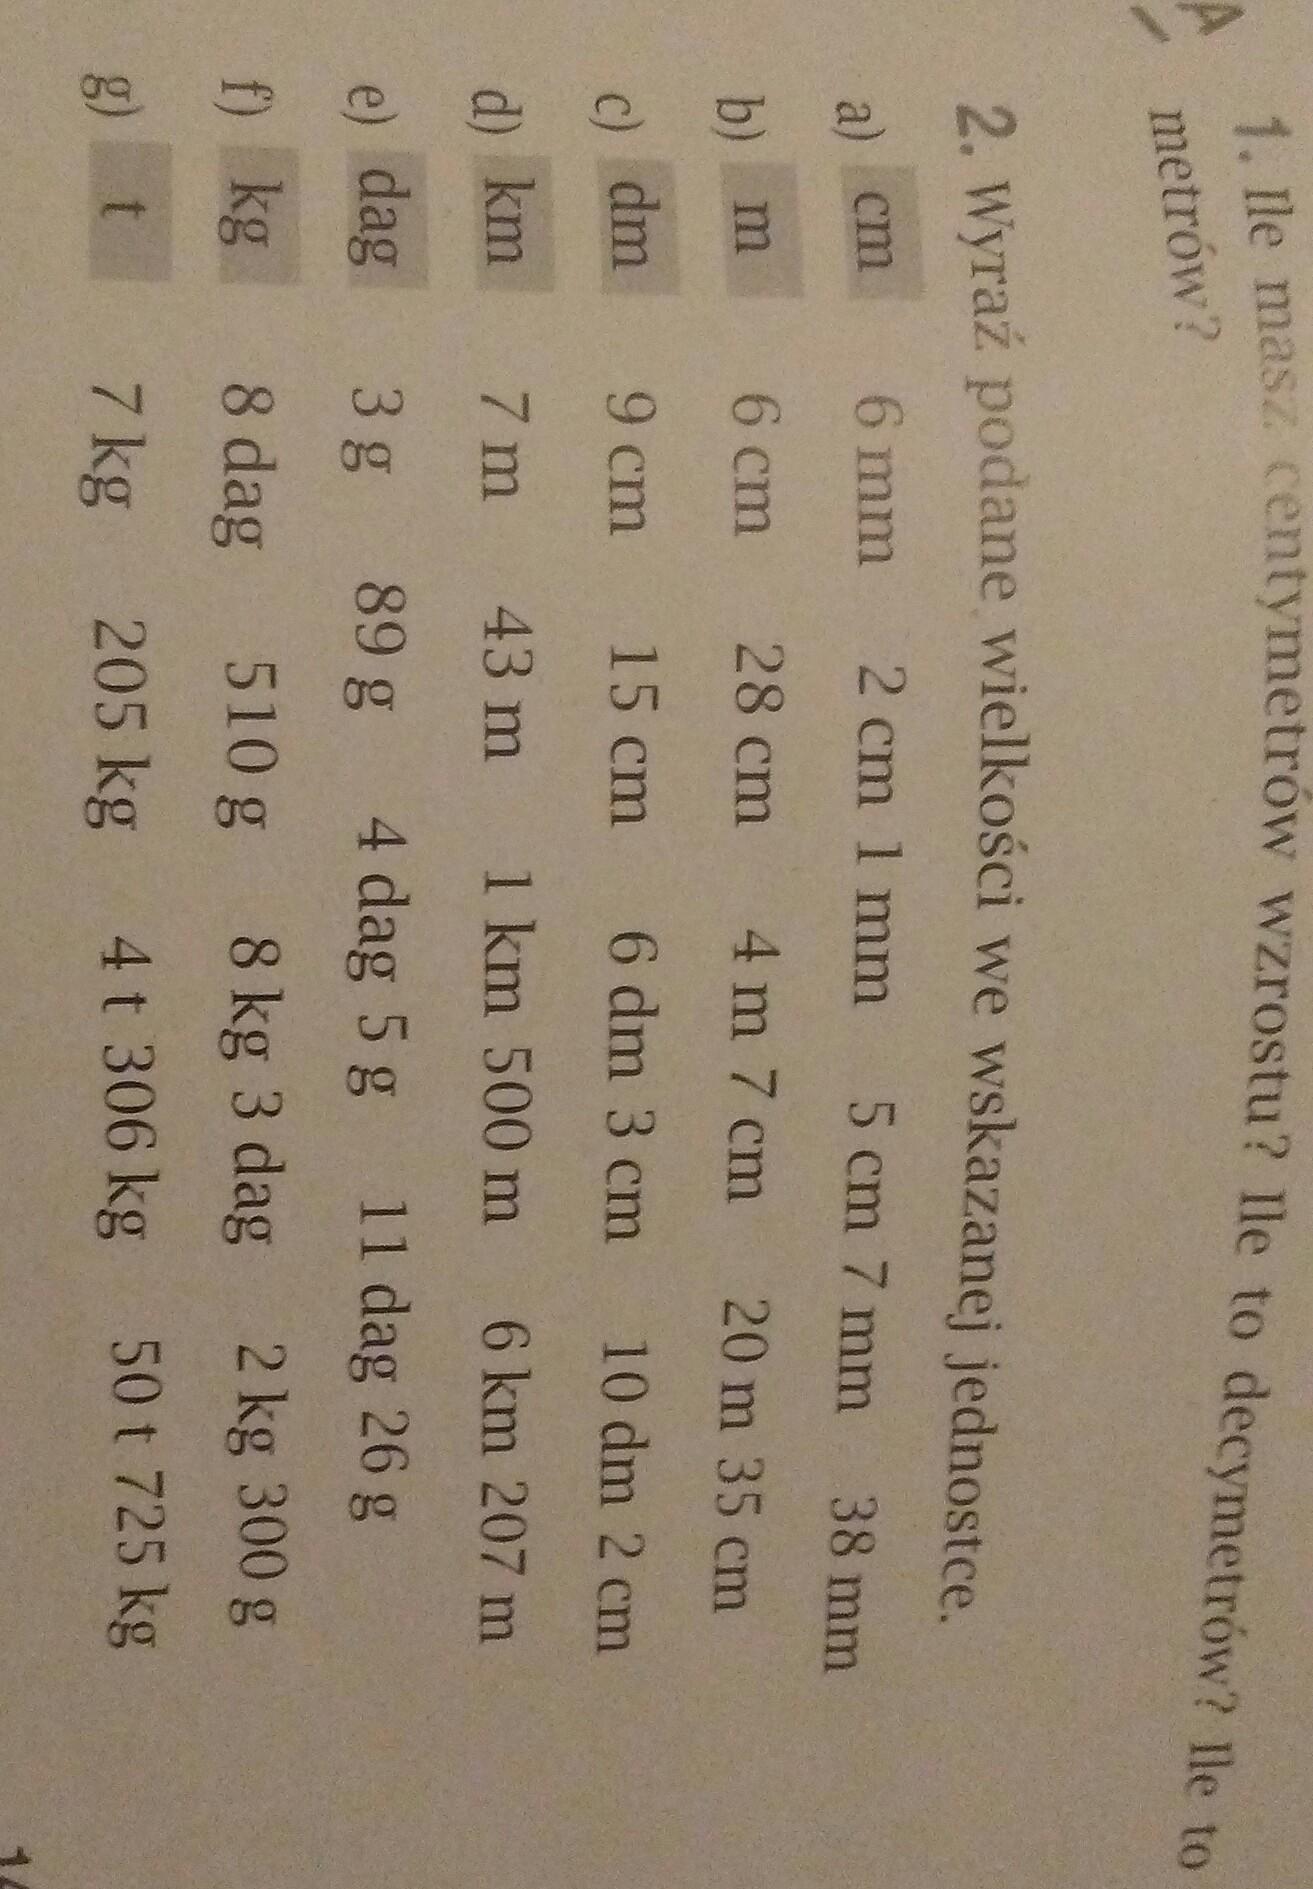 Ile Masz Centymetrow Wzrostu Ile To Dm Ile To M Mam 149